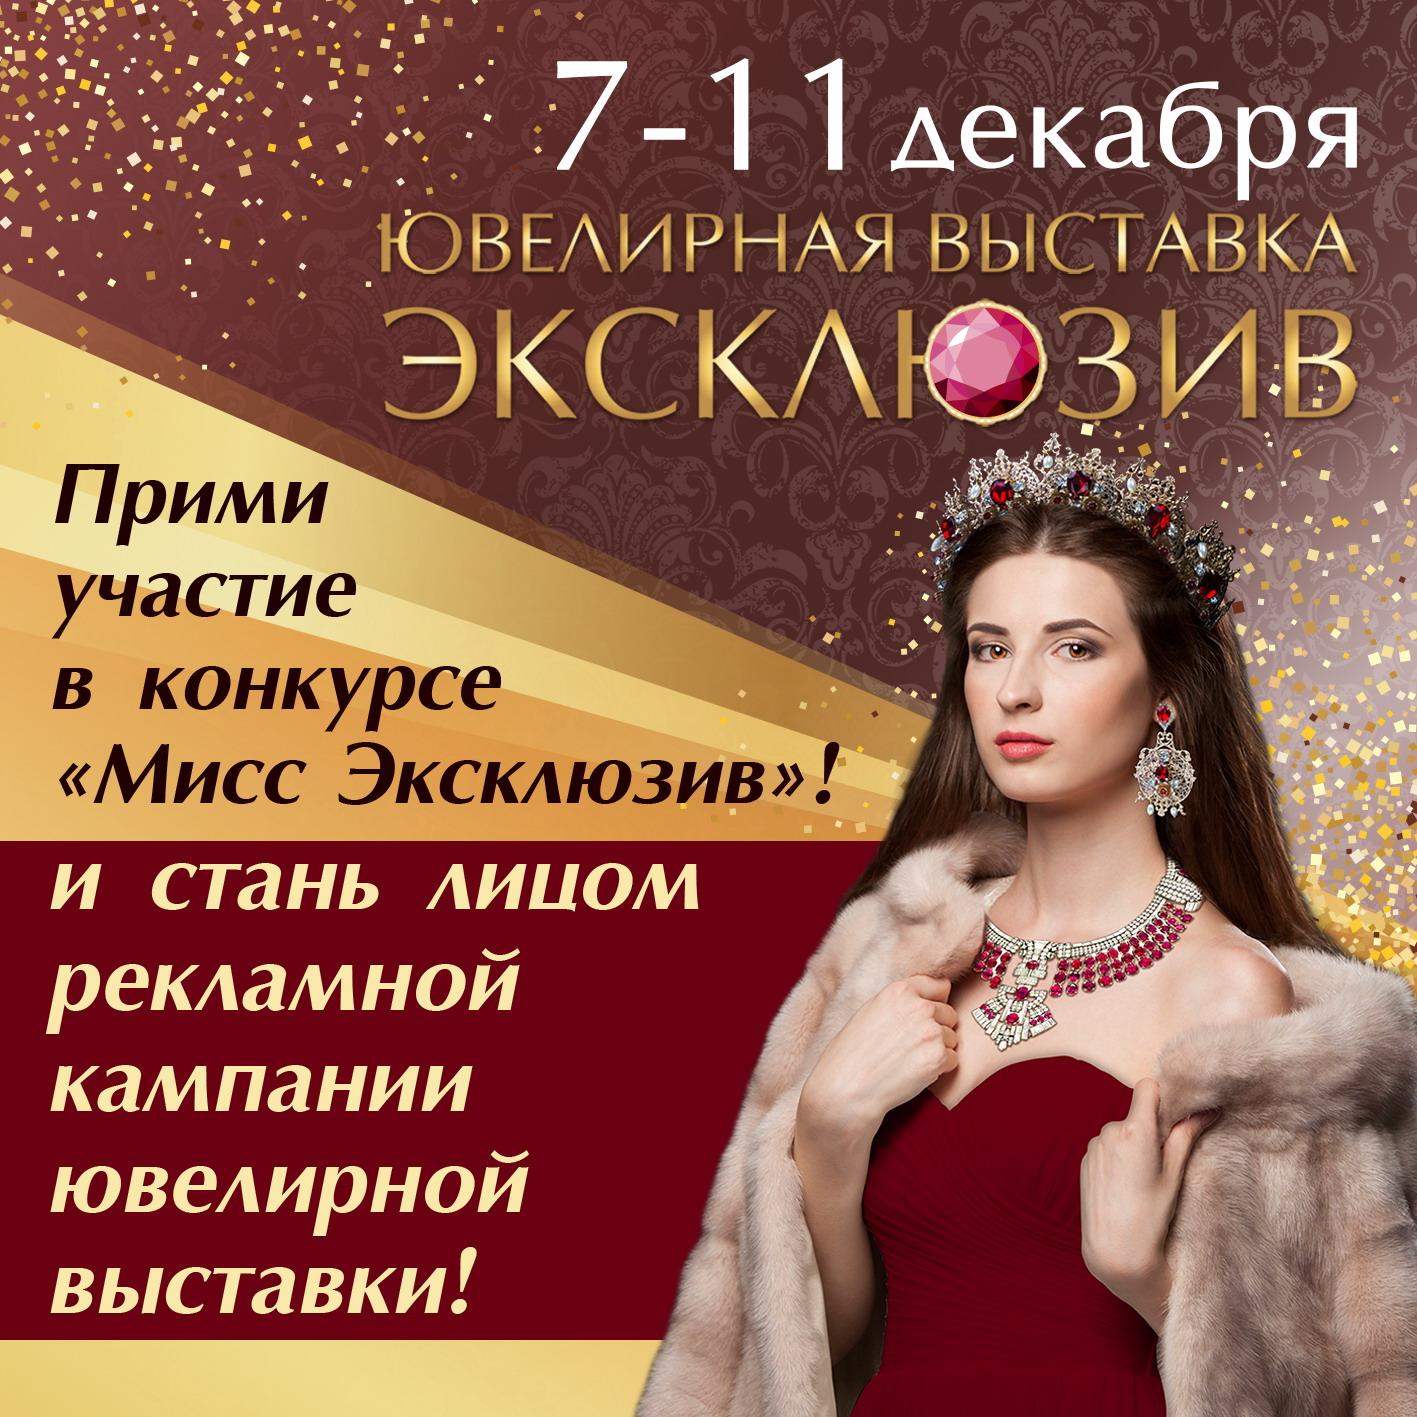 Конкурсы на ювелирных выставках